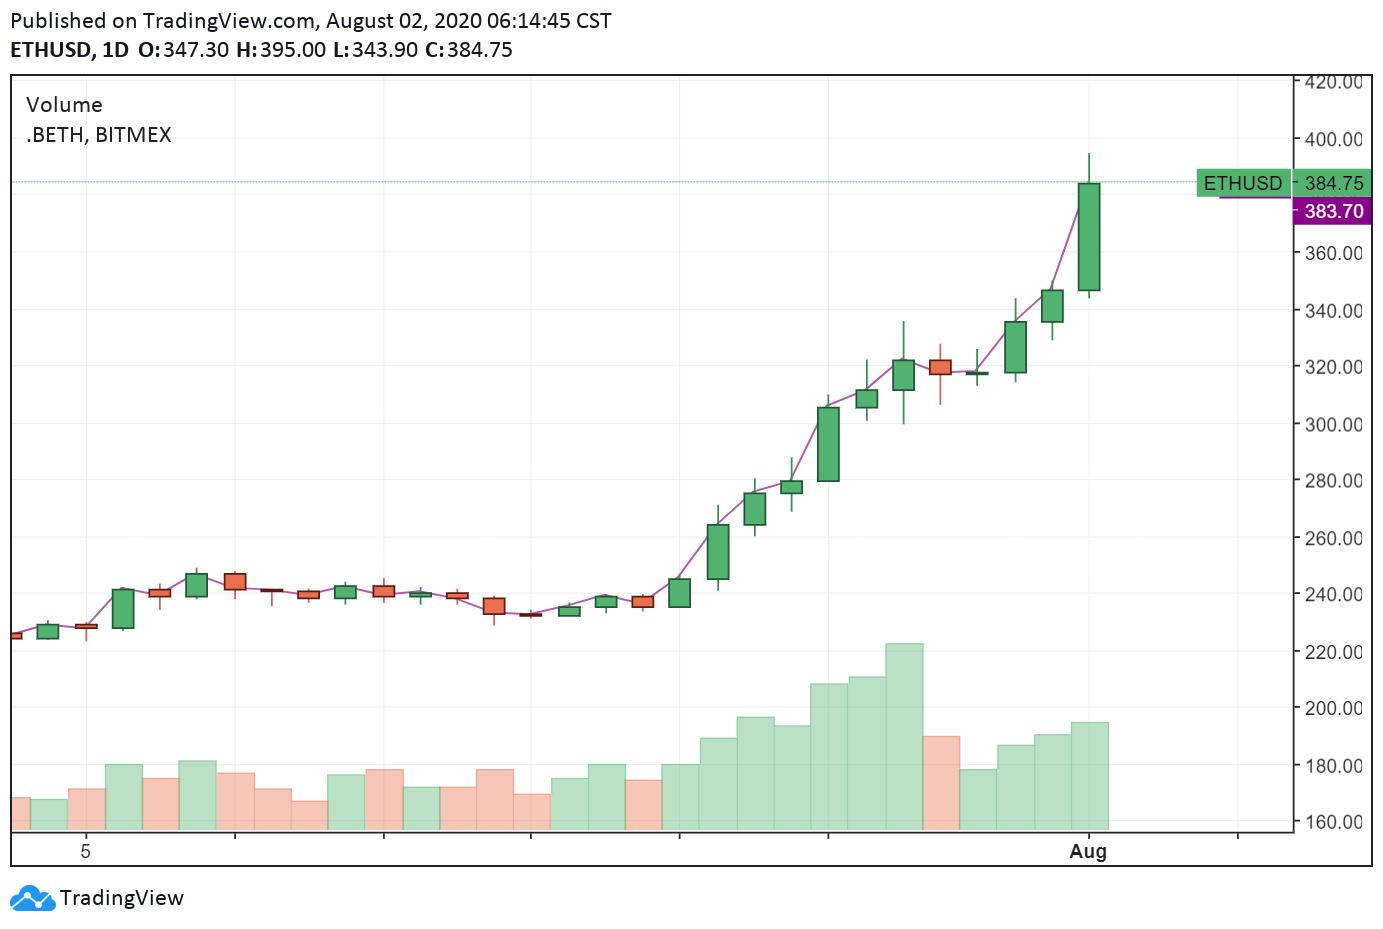 币世界- 以太坊 价格上涨75%至2年来最高点395美元的3个原因